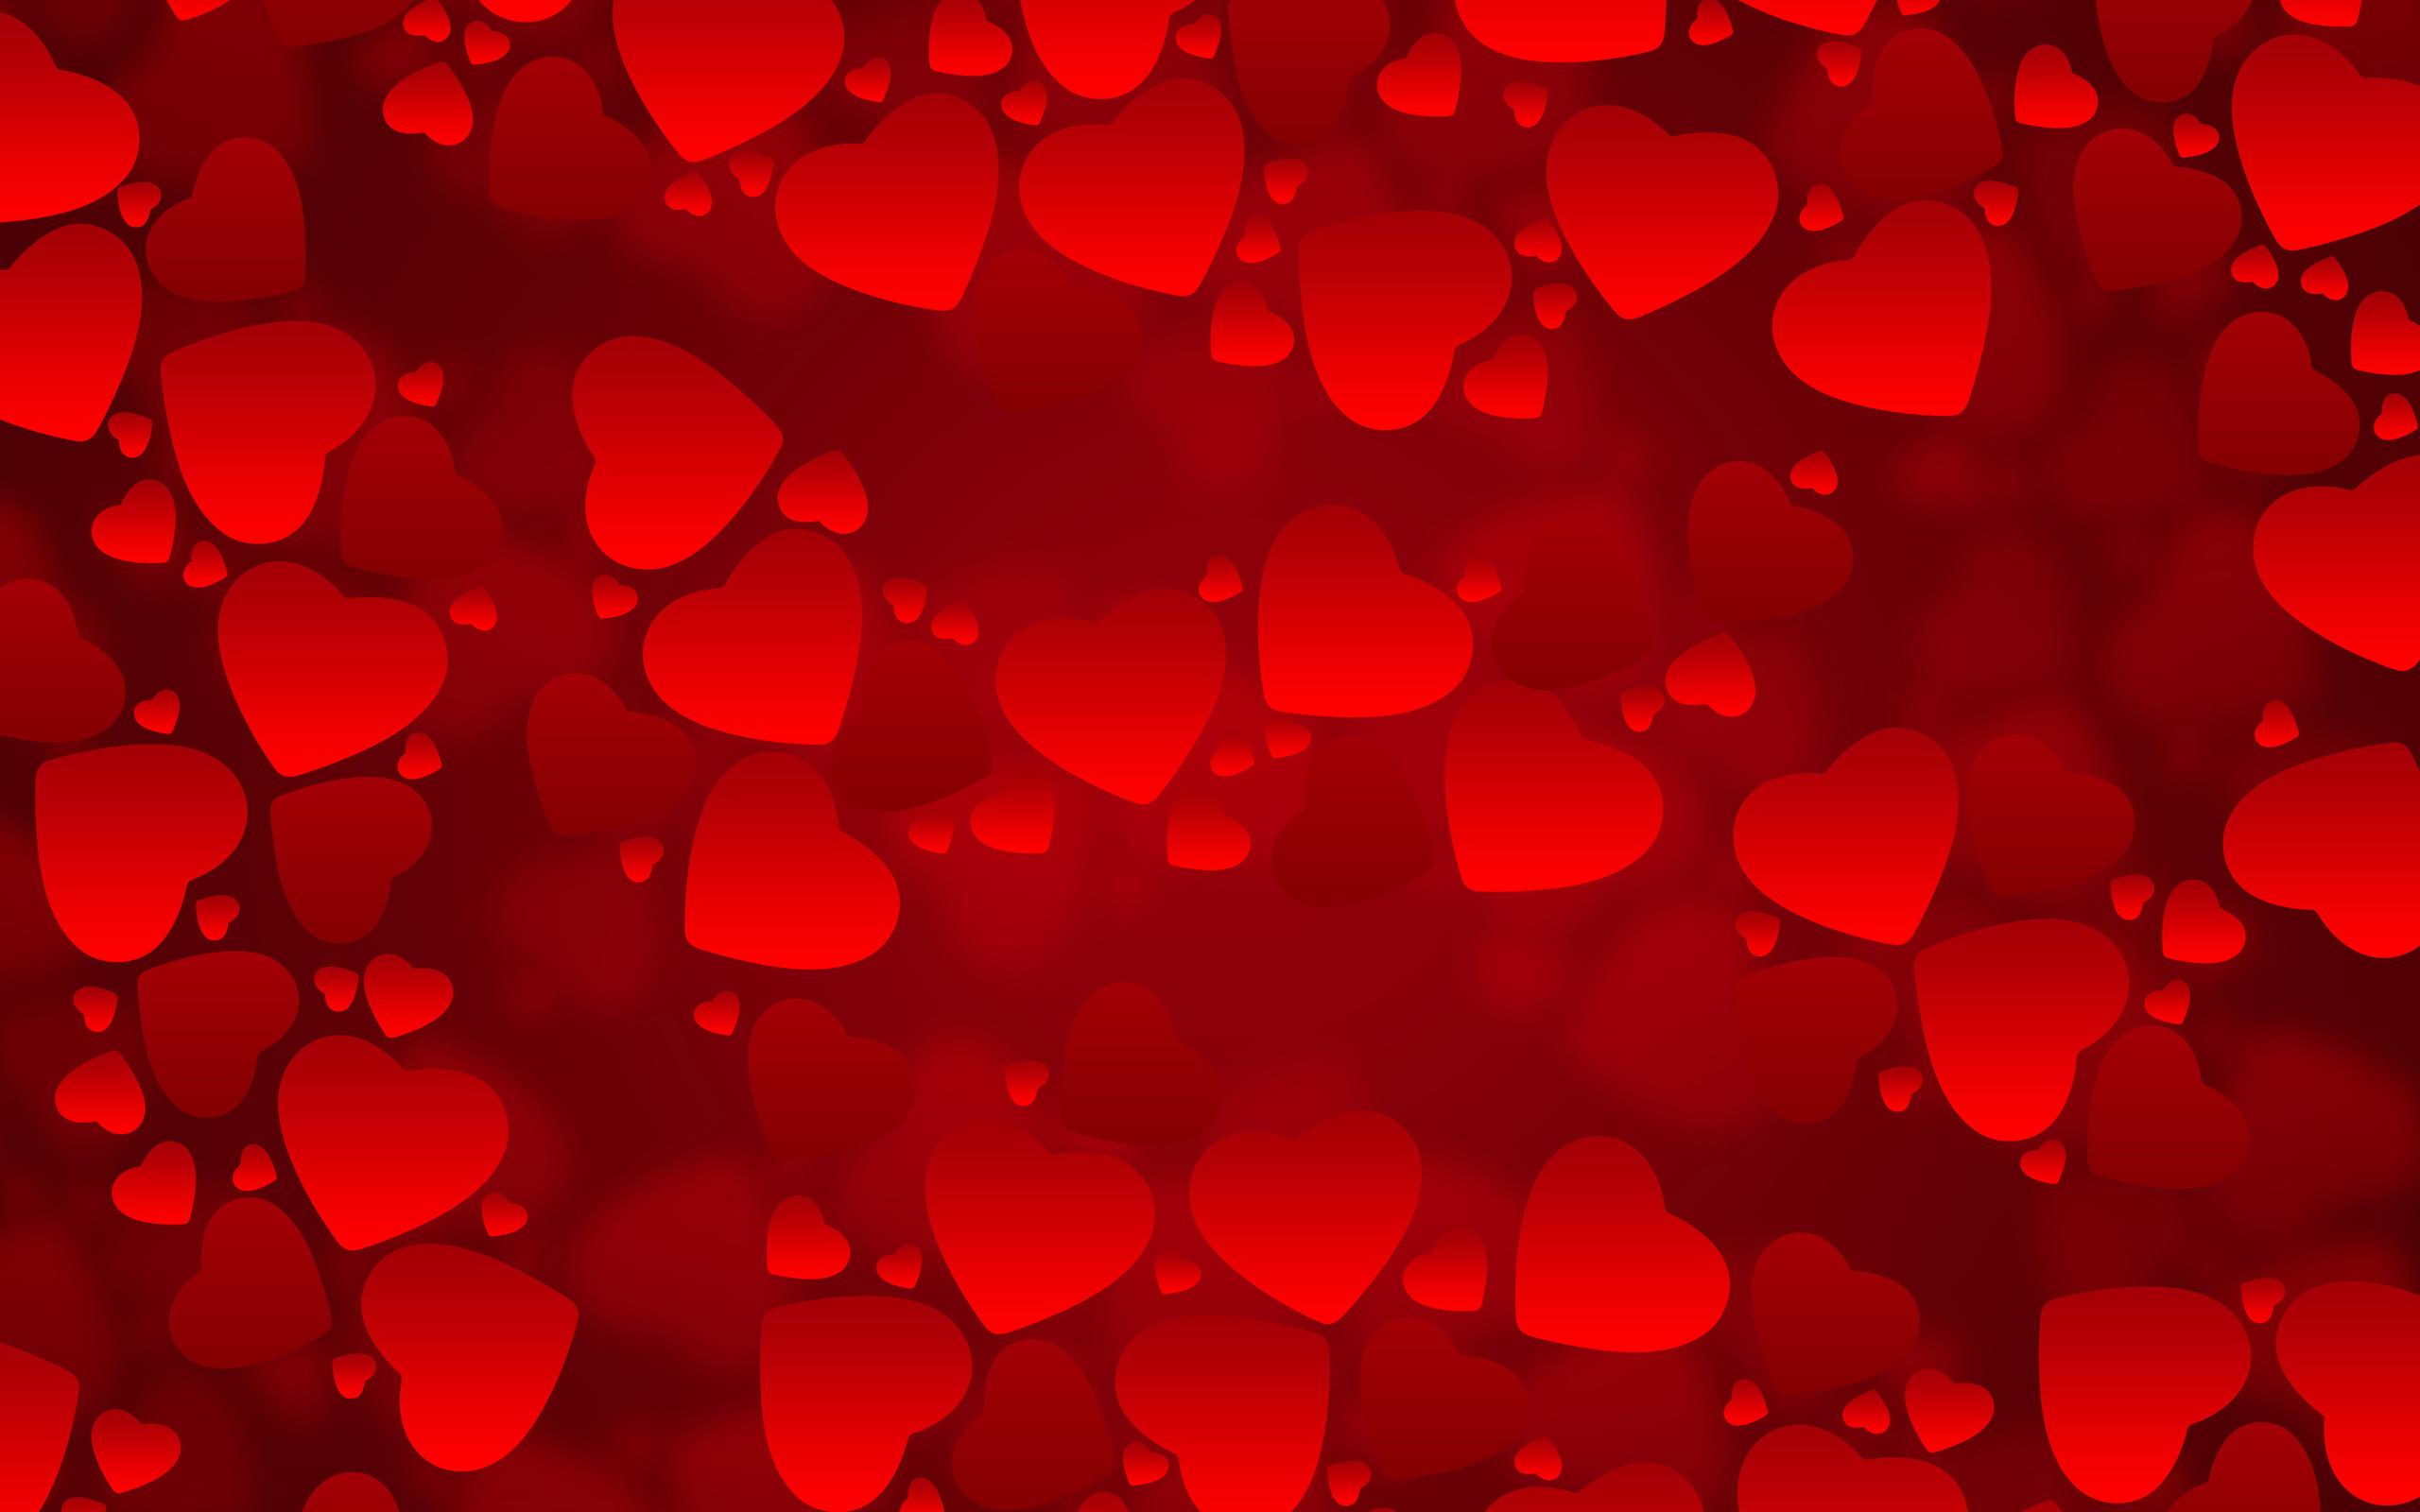 Funny Valentine Desktop Wallpaper Free - WallpaperSafari